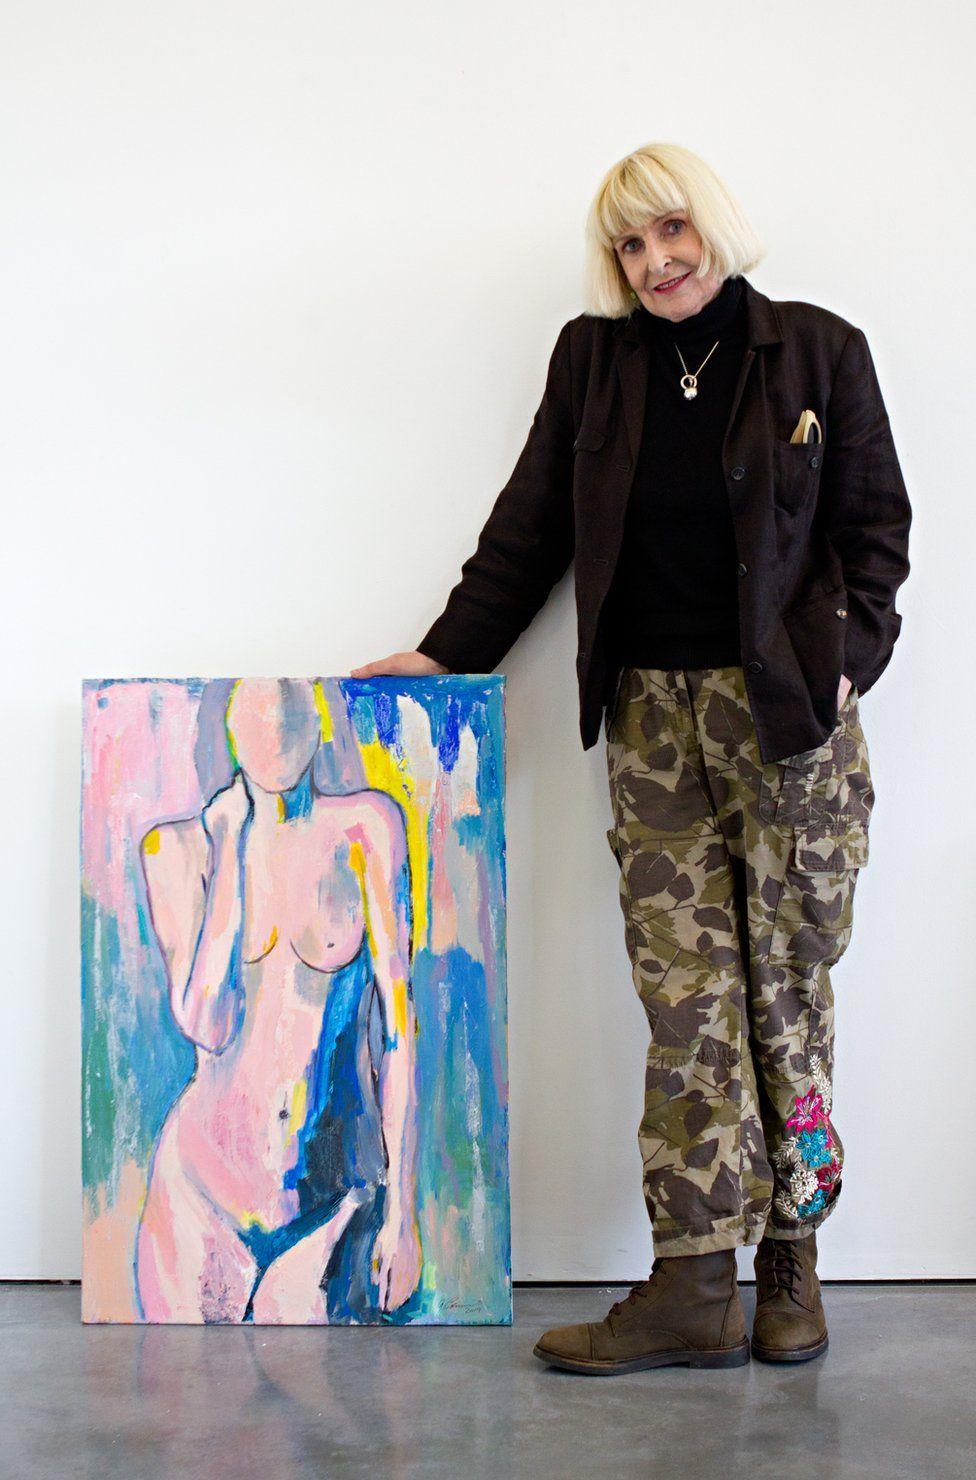 Geraldine Crimmins standing next to her artwork